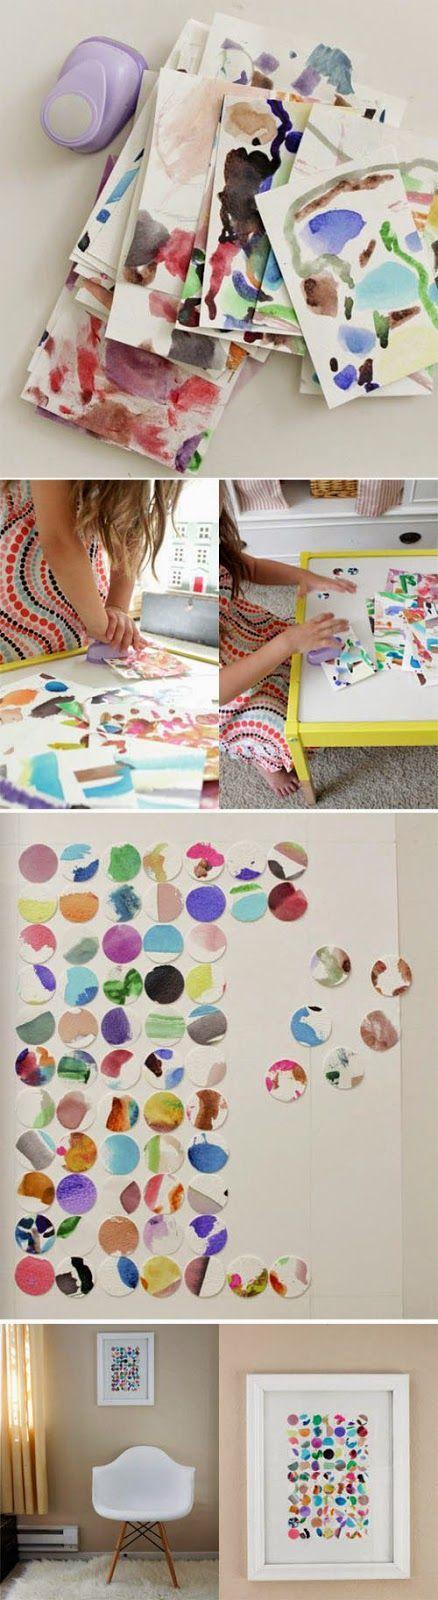 bdd97bb00f6c4 Recycler les magnifiques peintures de nos bambins